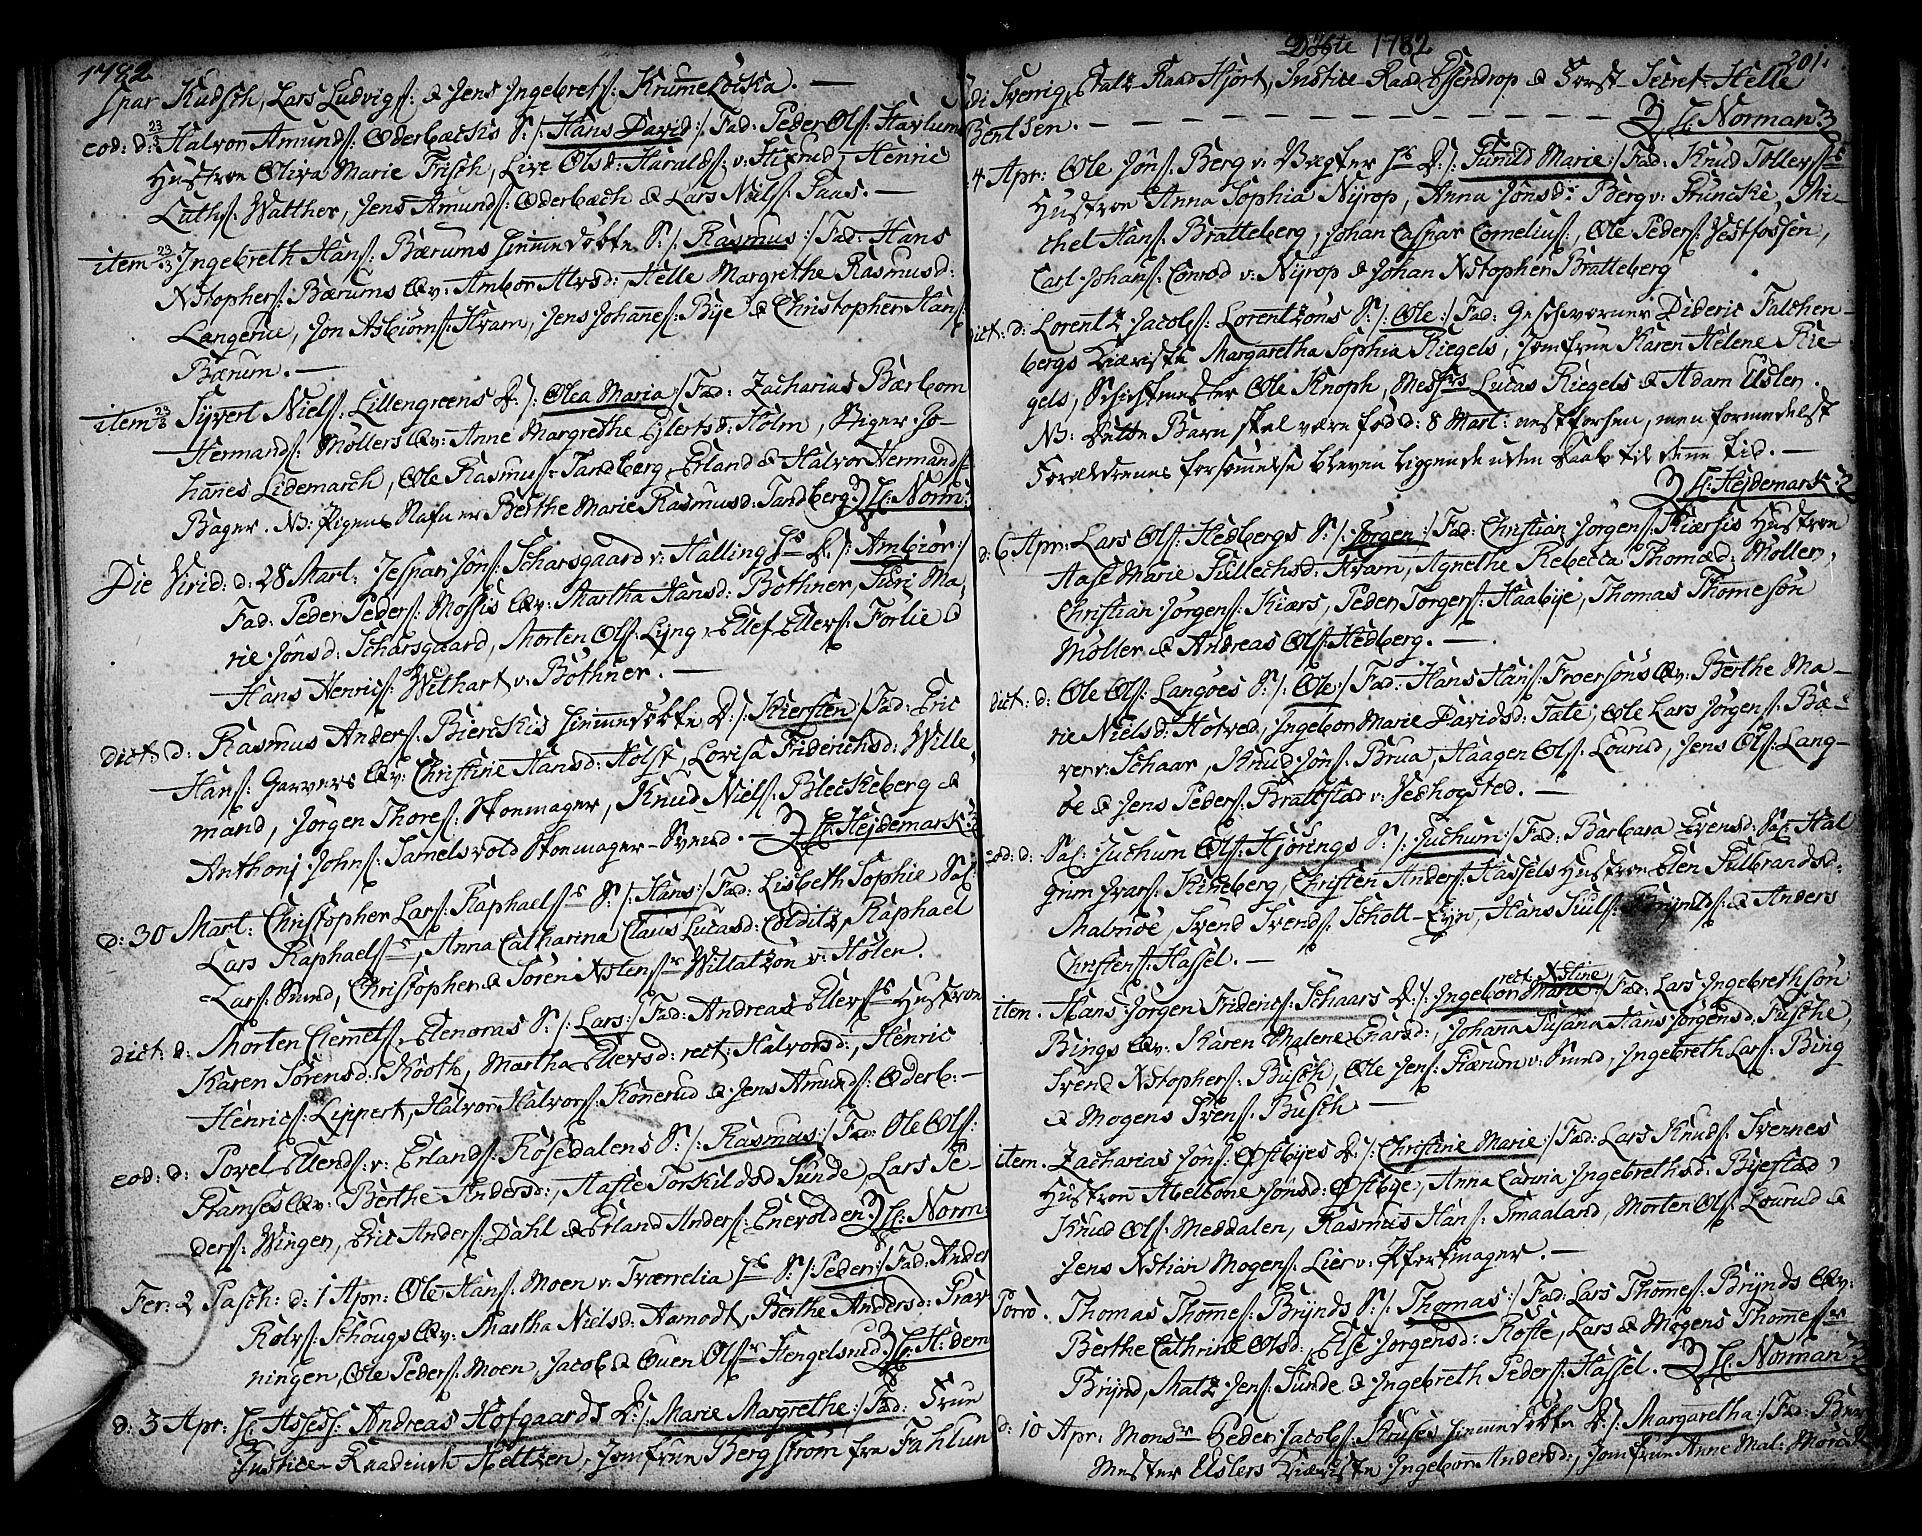 SAKO, Kongsberg kirkebøker, F/Fa/L0005: Ministerialbok nr. I 5, 1769-1782, s. 201